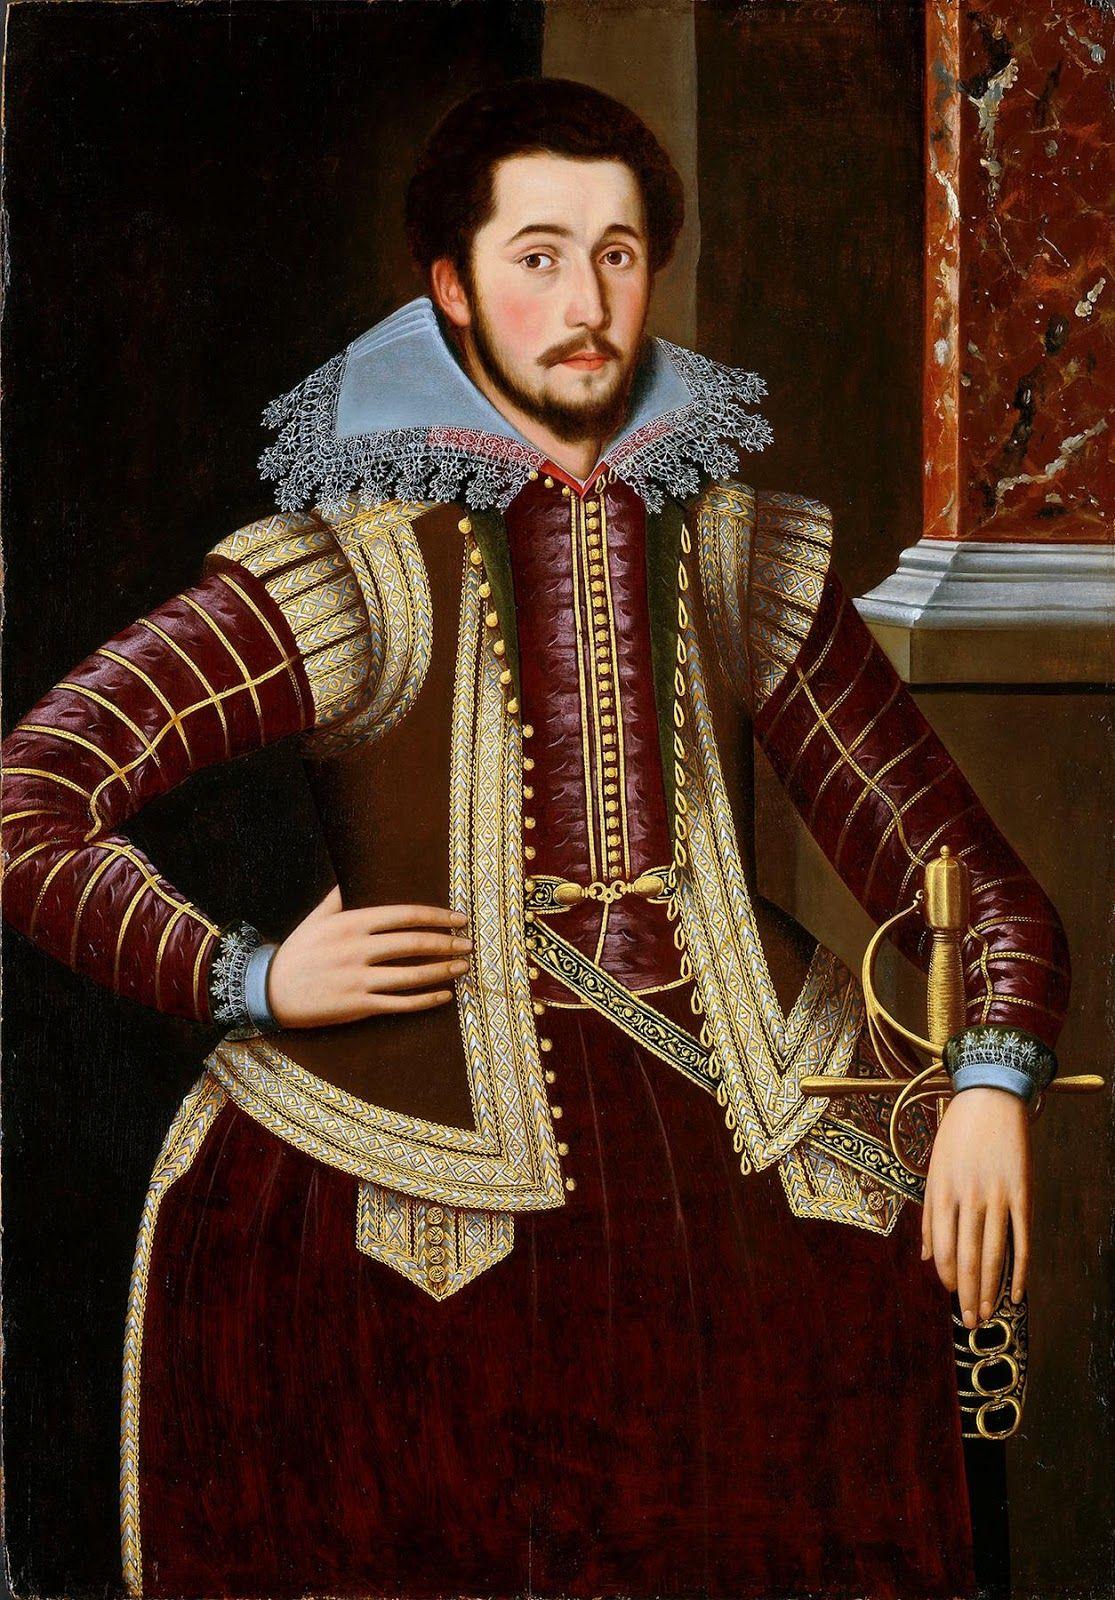 A Renaissance Noble Dixseptième siècle, Portrait, Courtier